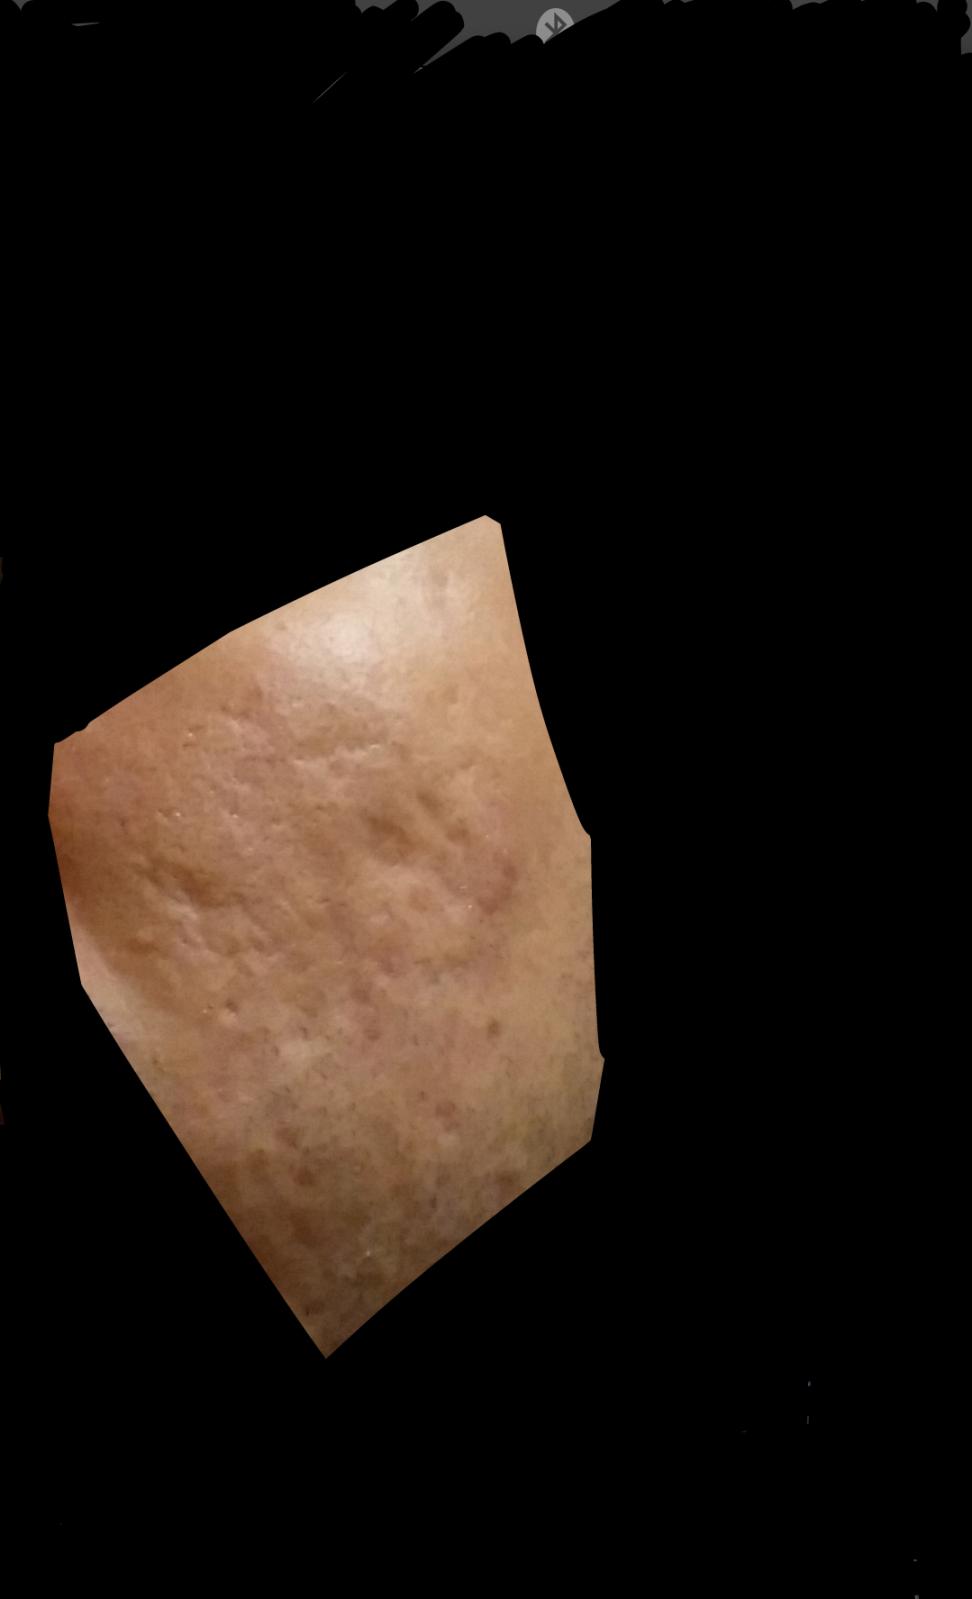 Rexomendacion de cicatrices 2ym83v9